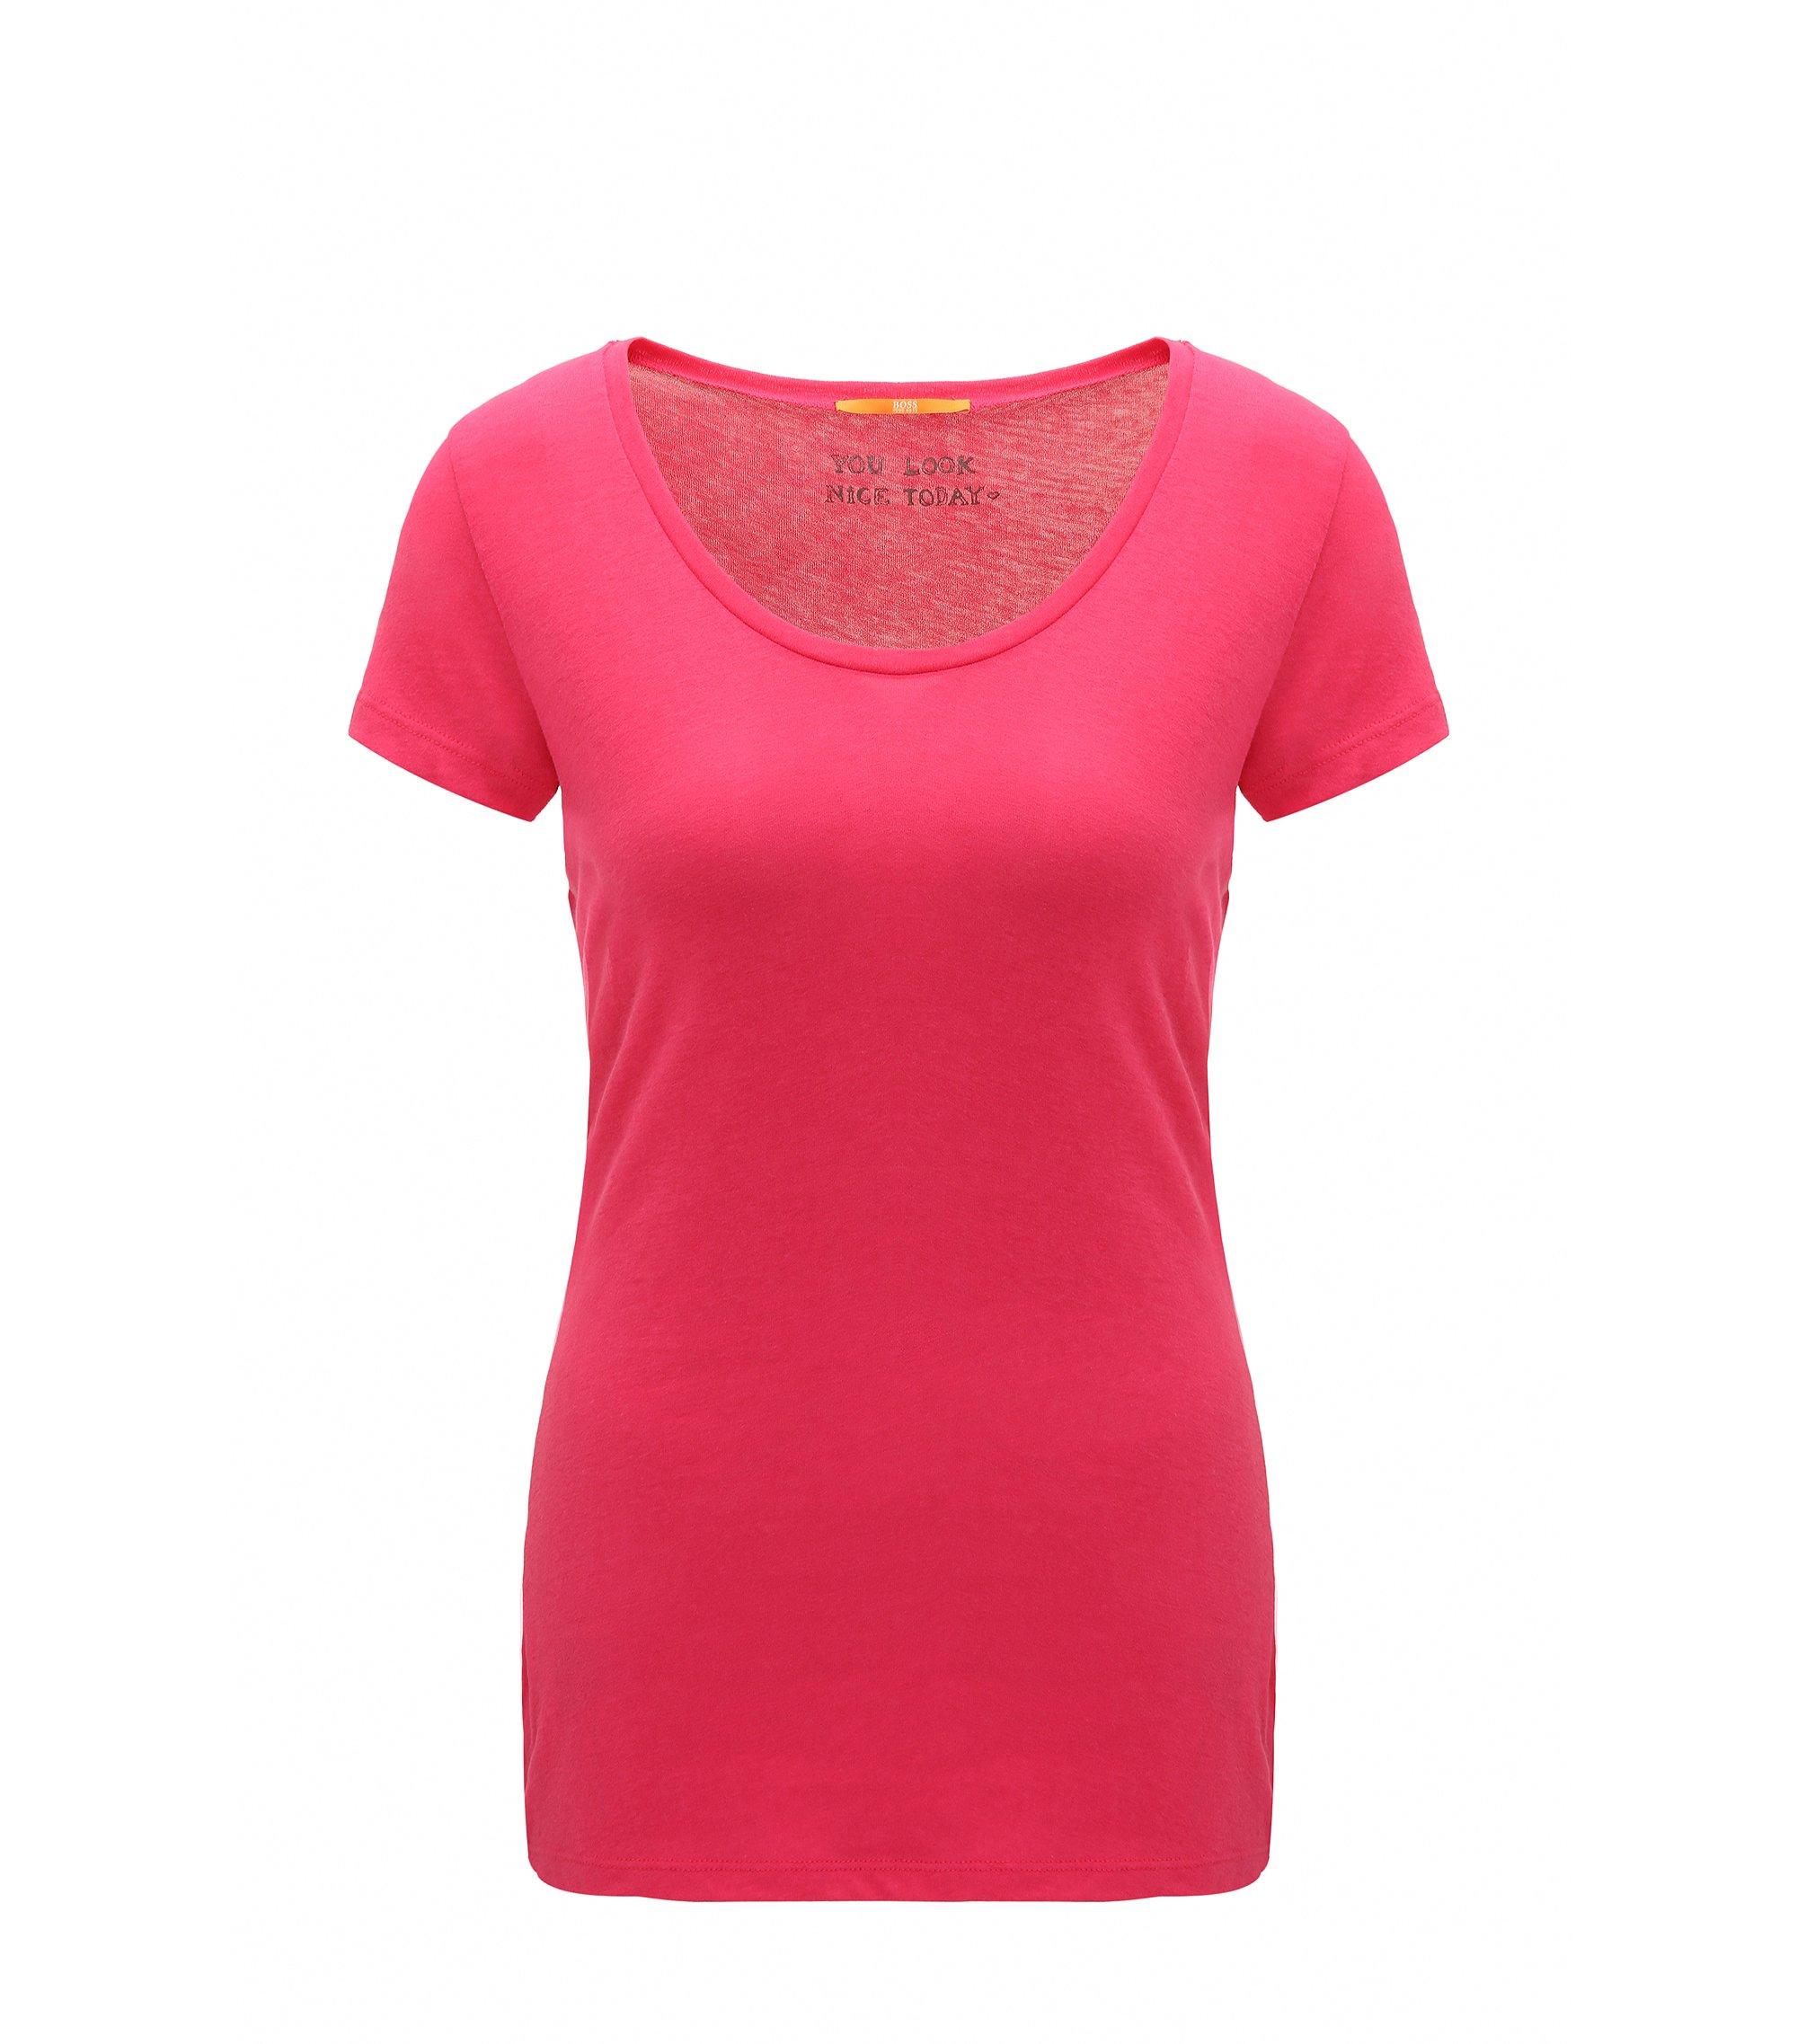 T-shirt Slim Fit en jersey de coton mélangé toucher peau de pêche, Rose